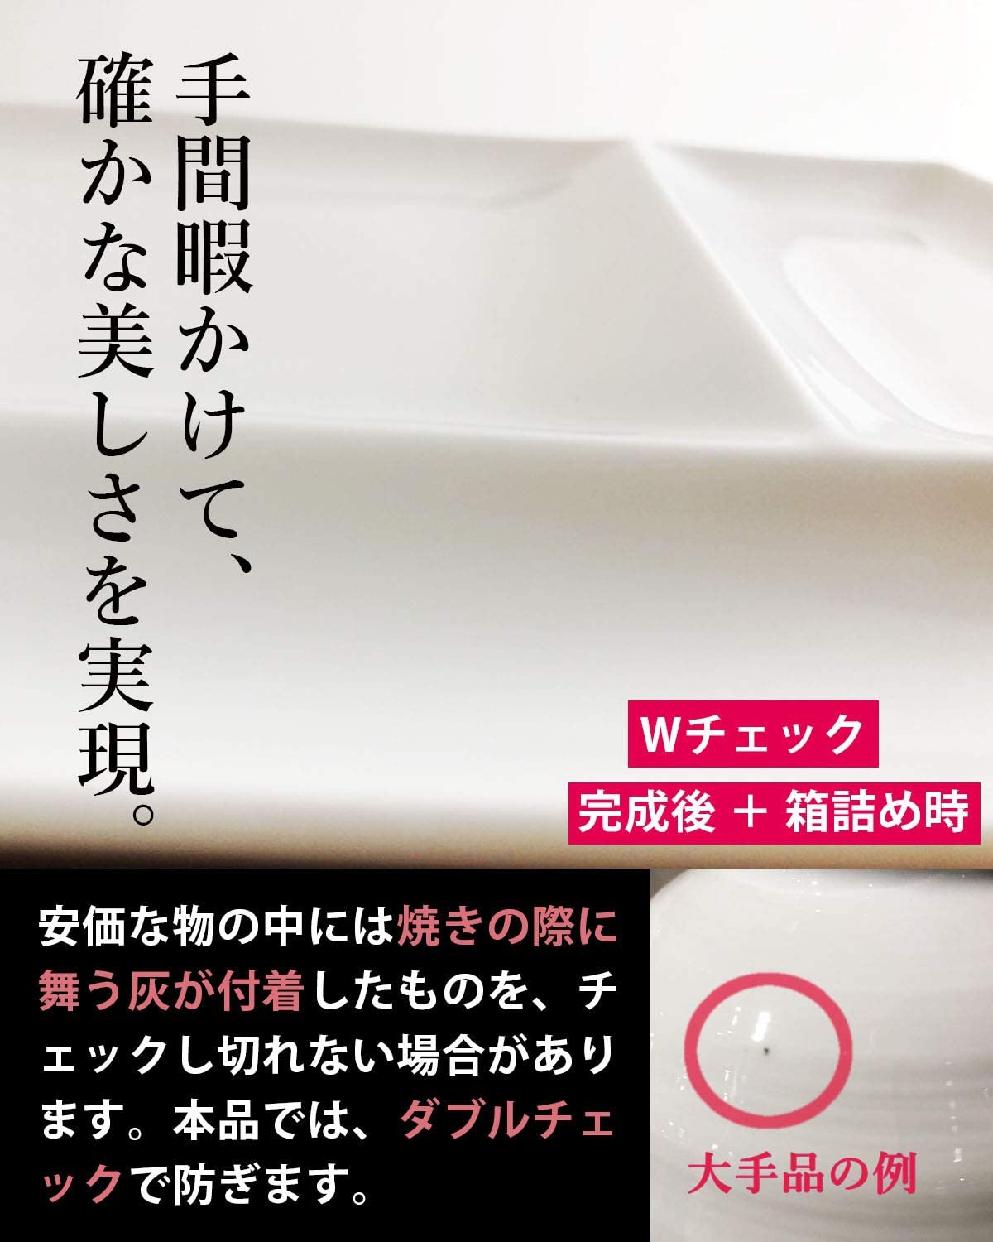 キツサコお箸が置けるランチプレート 白磁の商品画像5